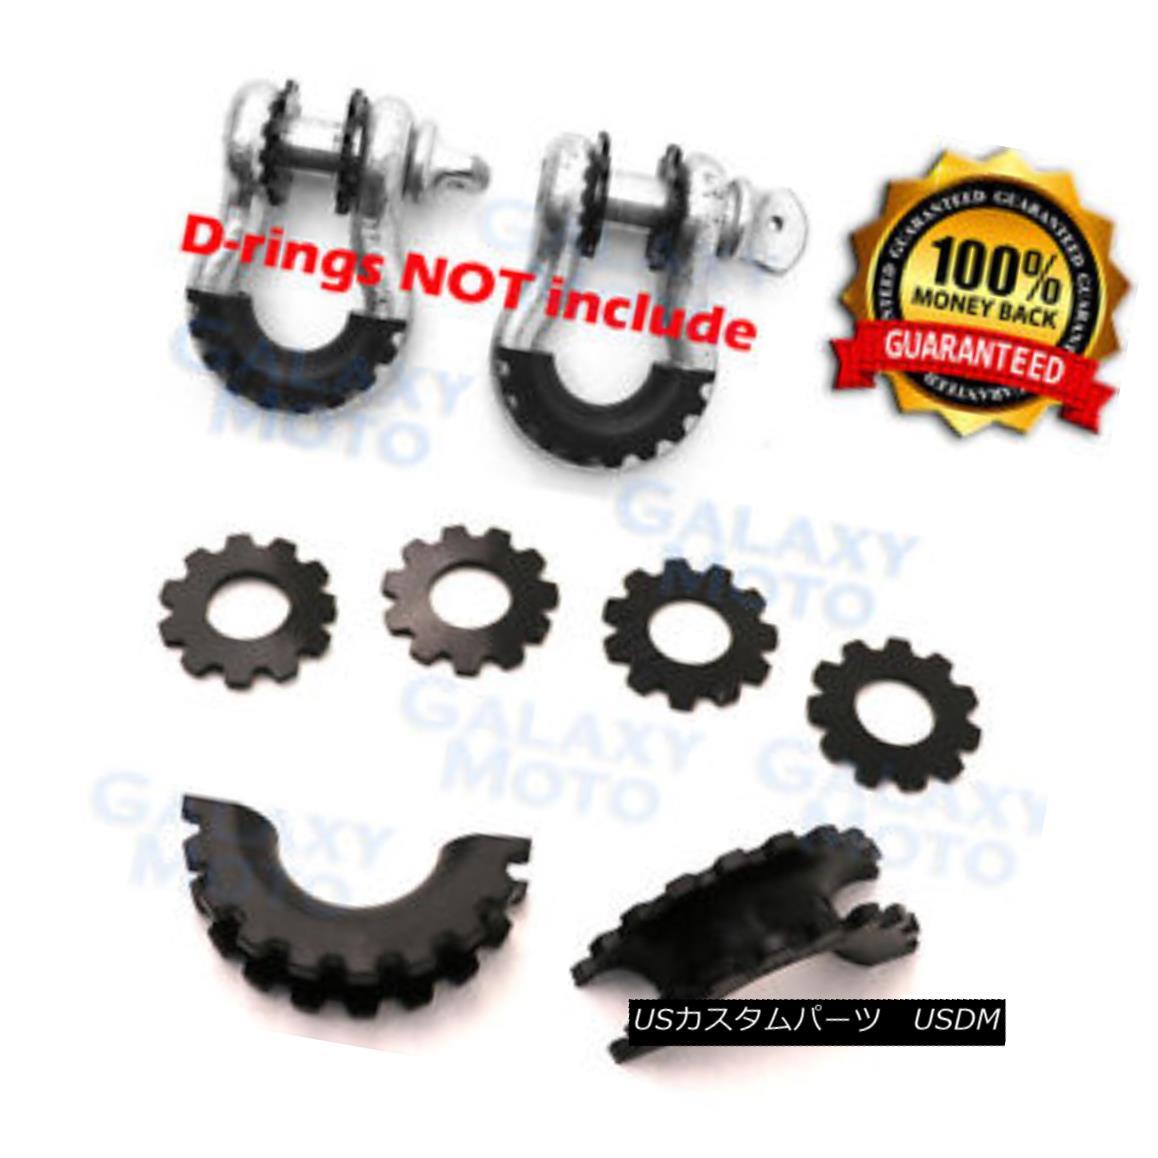 グリル Black D-Ring Shackle Isolator & Washers 6pcs Set Rattling Protection Cover Kits ブラックDリングシャックルアイソレータ& ワッシャー6個セット防護カバーキット